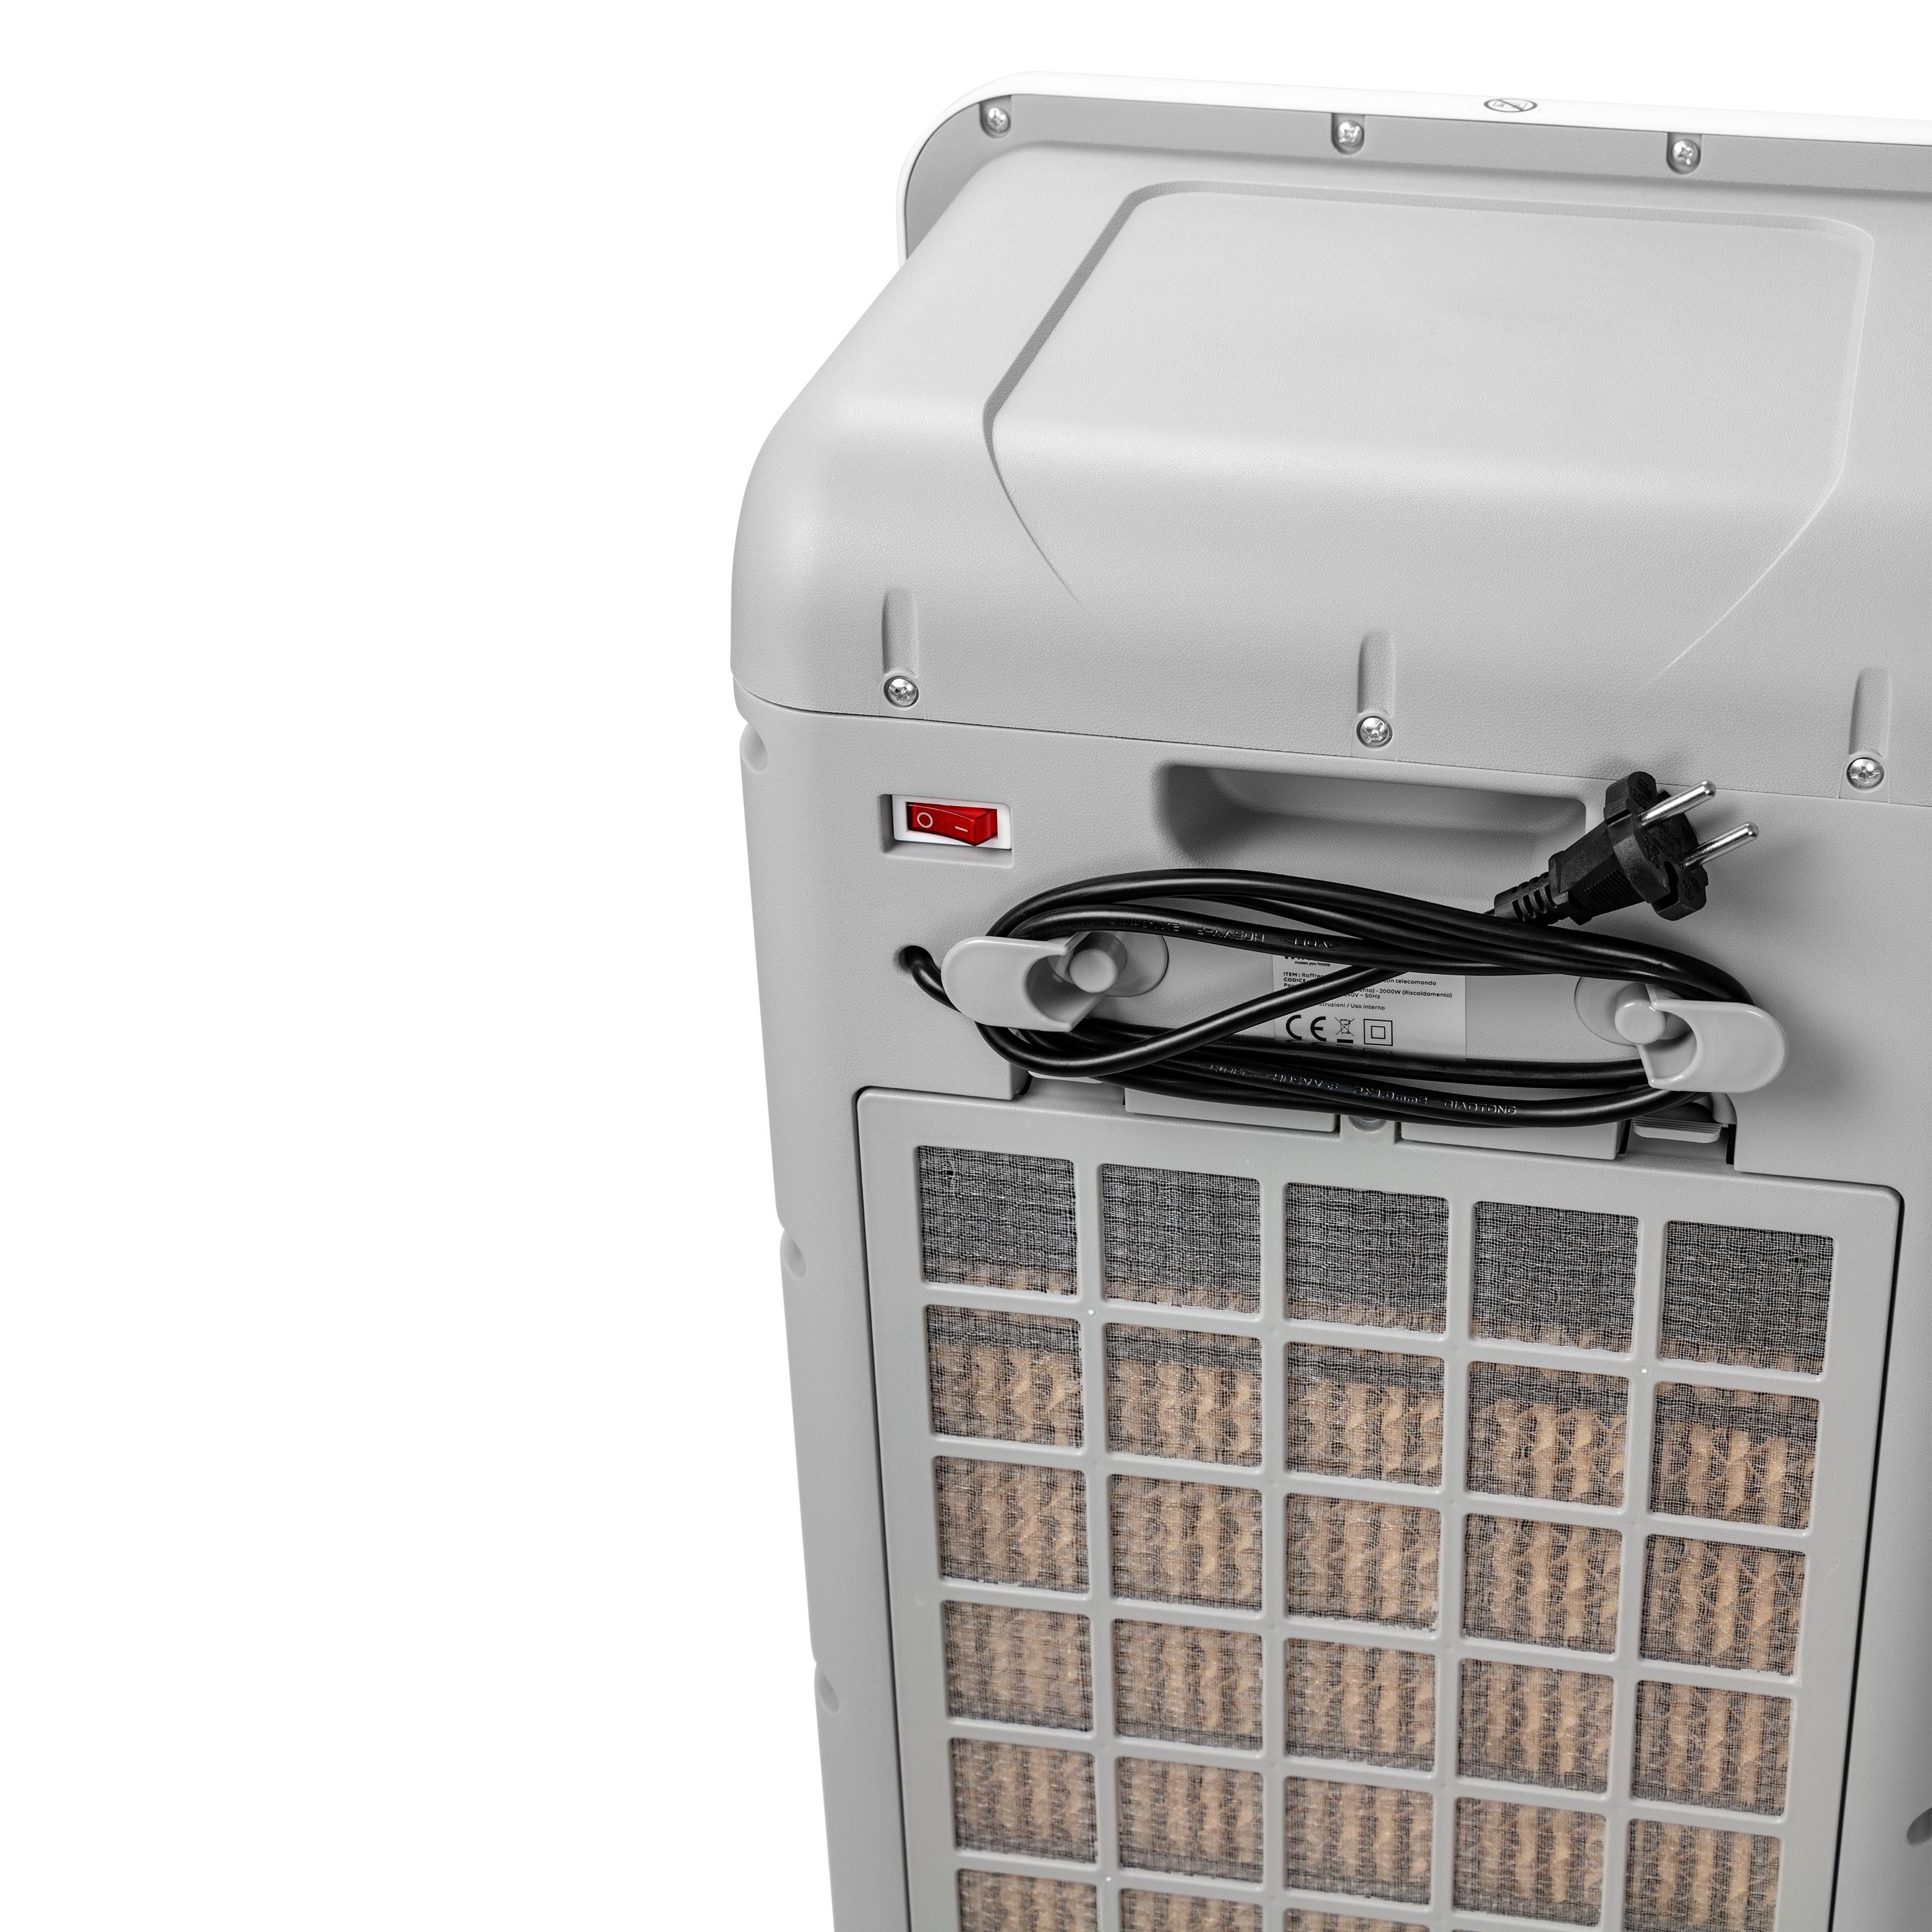 Horus Climatizzatore Portatile 2000 Watt Raffrescatore Aria Calda Fredda Wintem 8